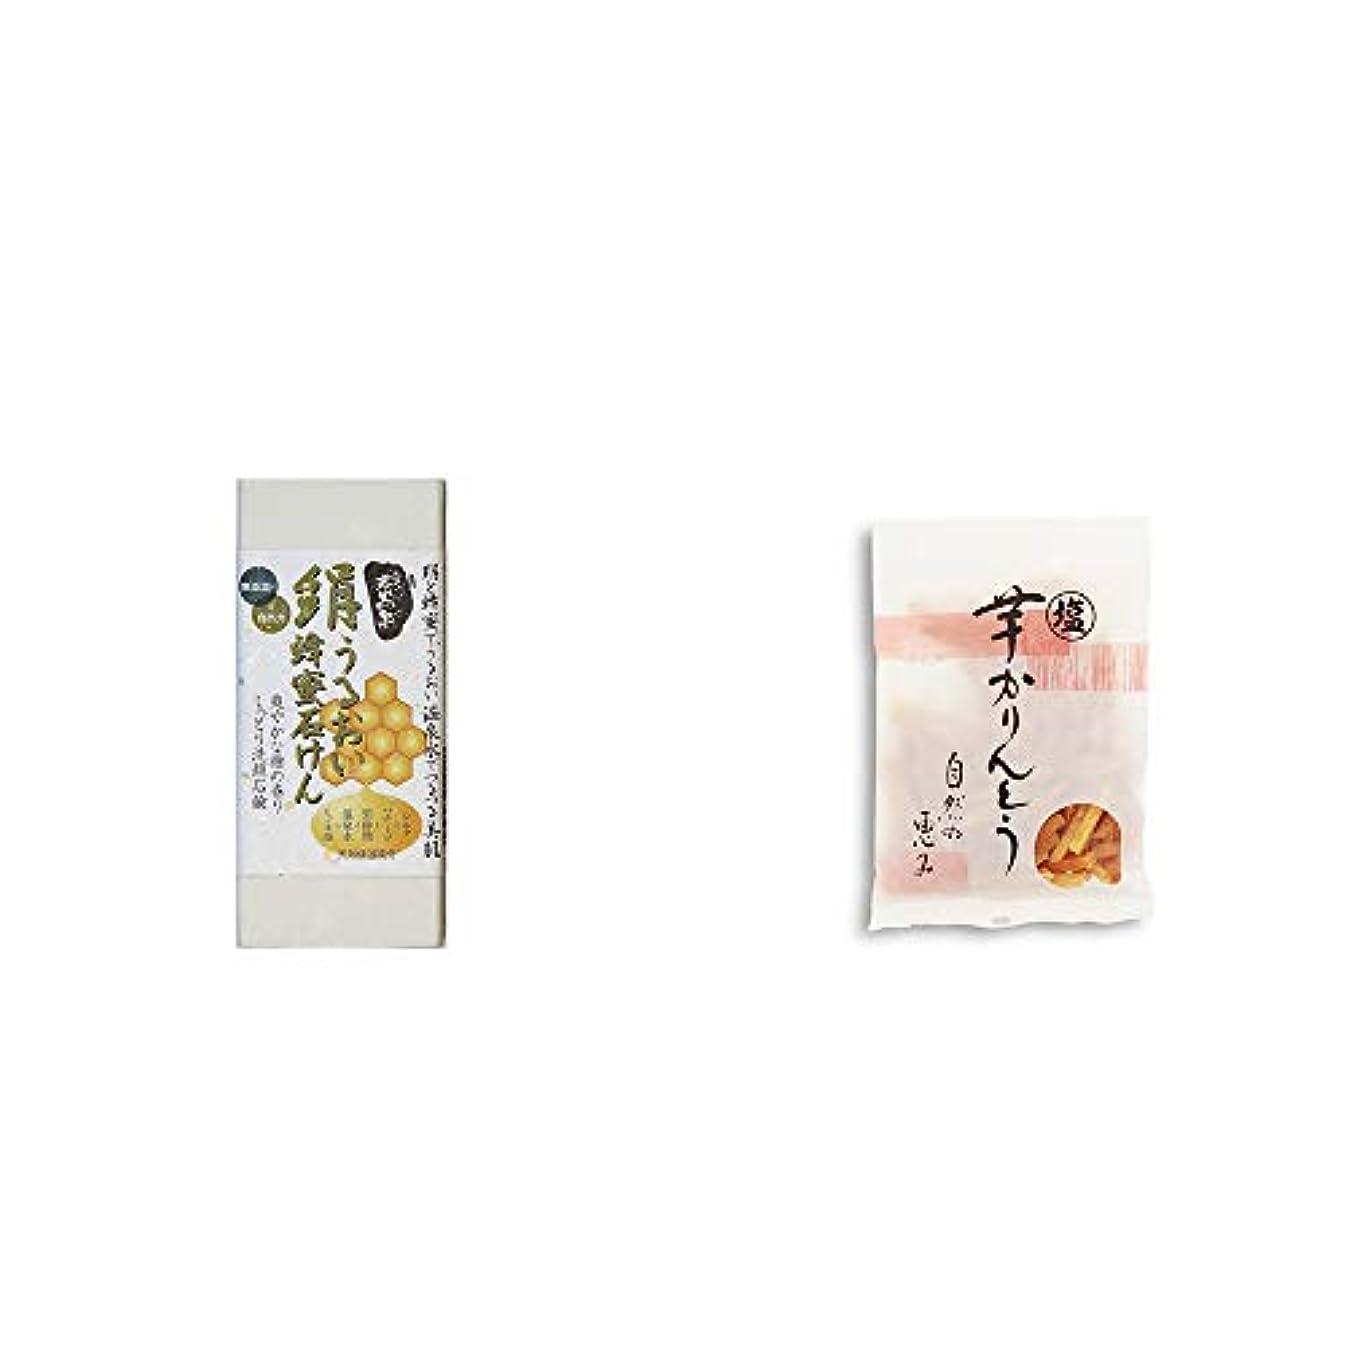 ほこりっぽい落花生理解する[2点セット] ひのき炭黒泉 絹うるおい蜂蜜石けん(75g×2)?塩芋かりんとう(150g)